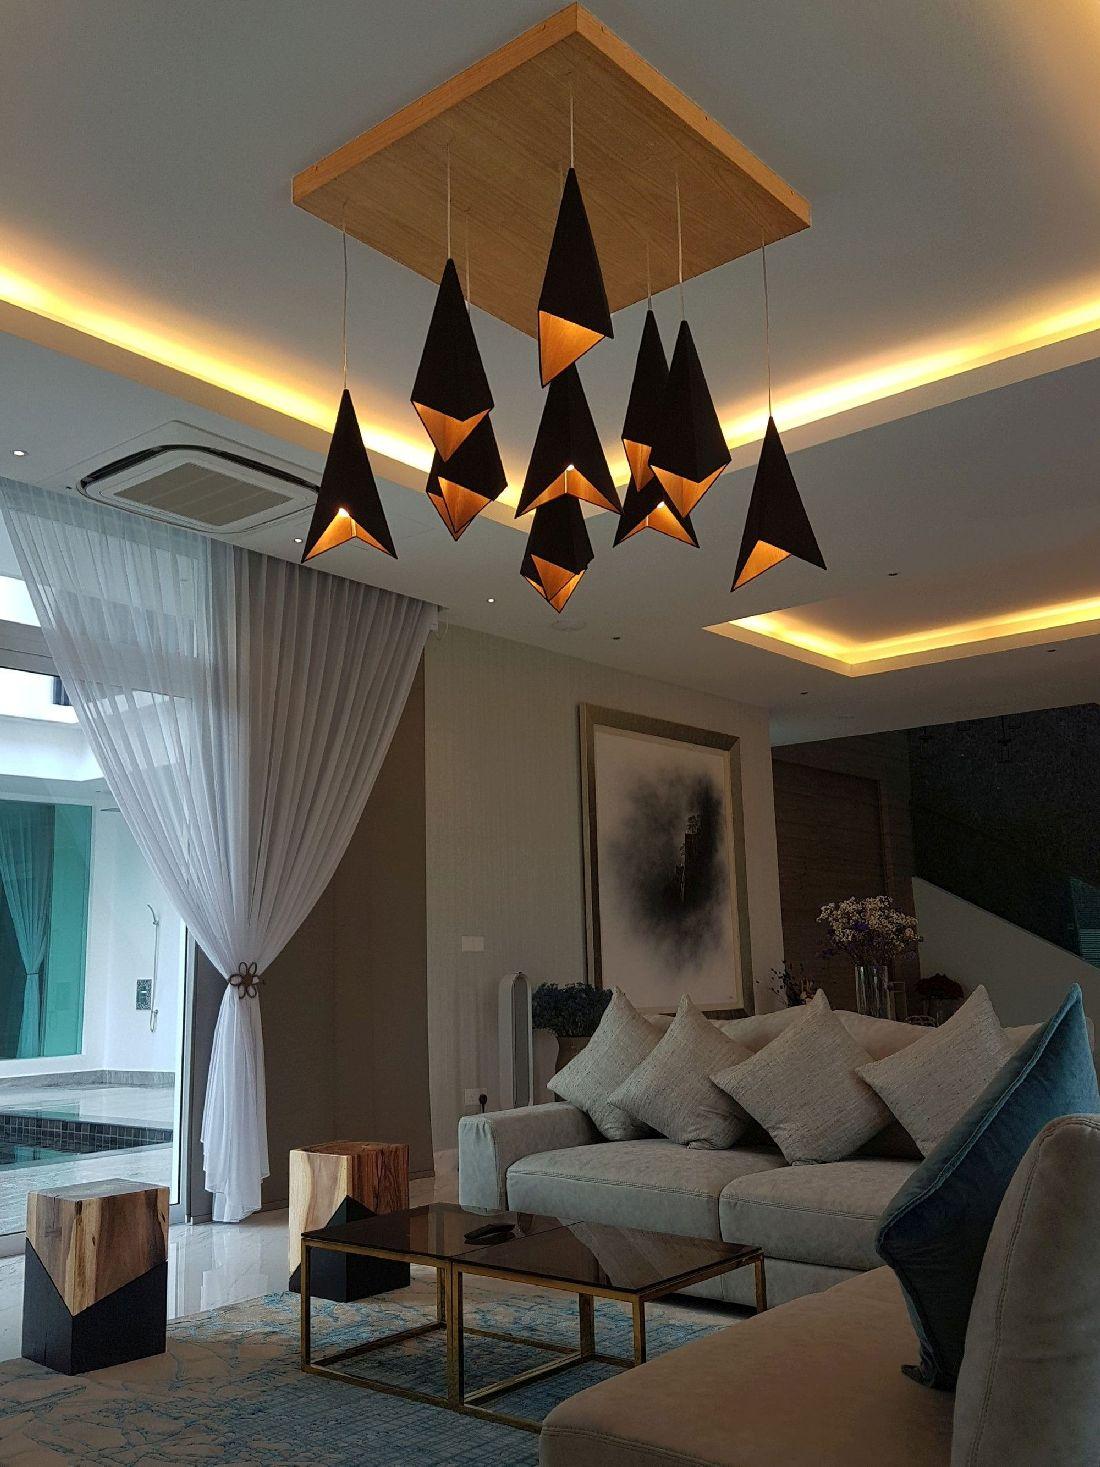 4arcanum-home_flyol-pendant-lighting-customised-home.jpg